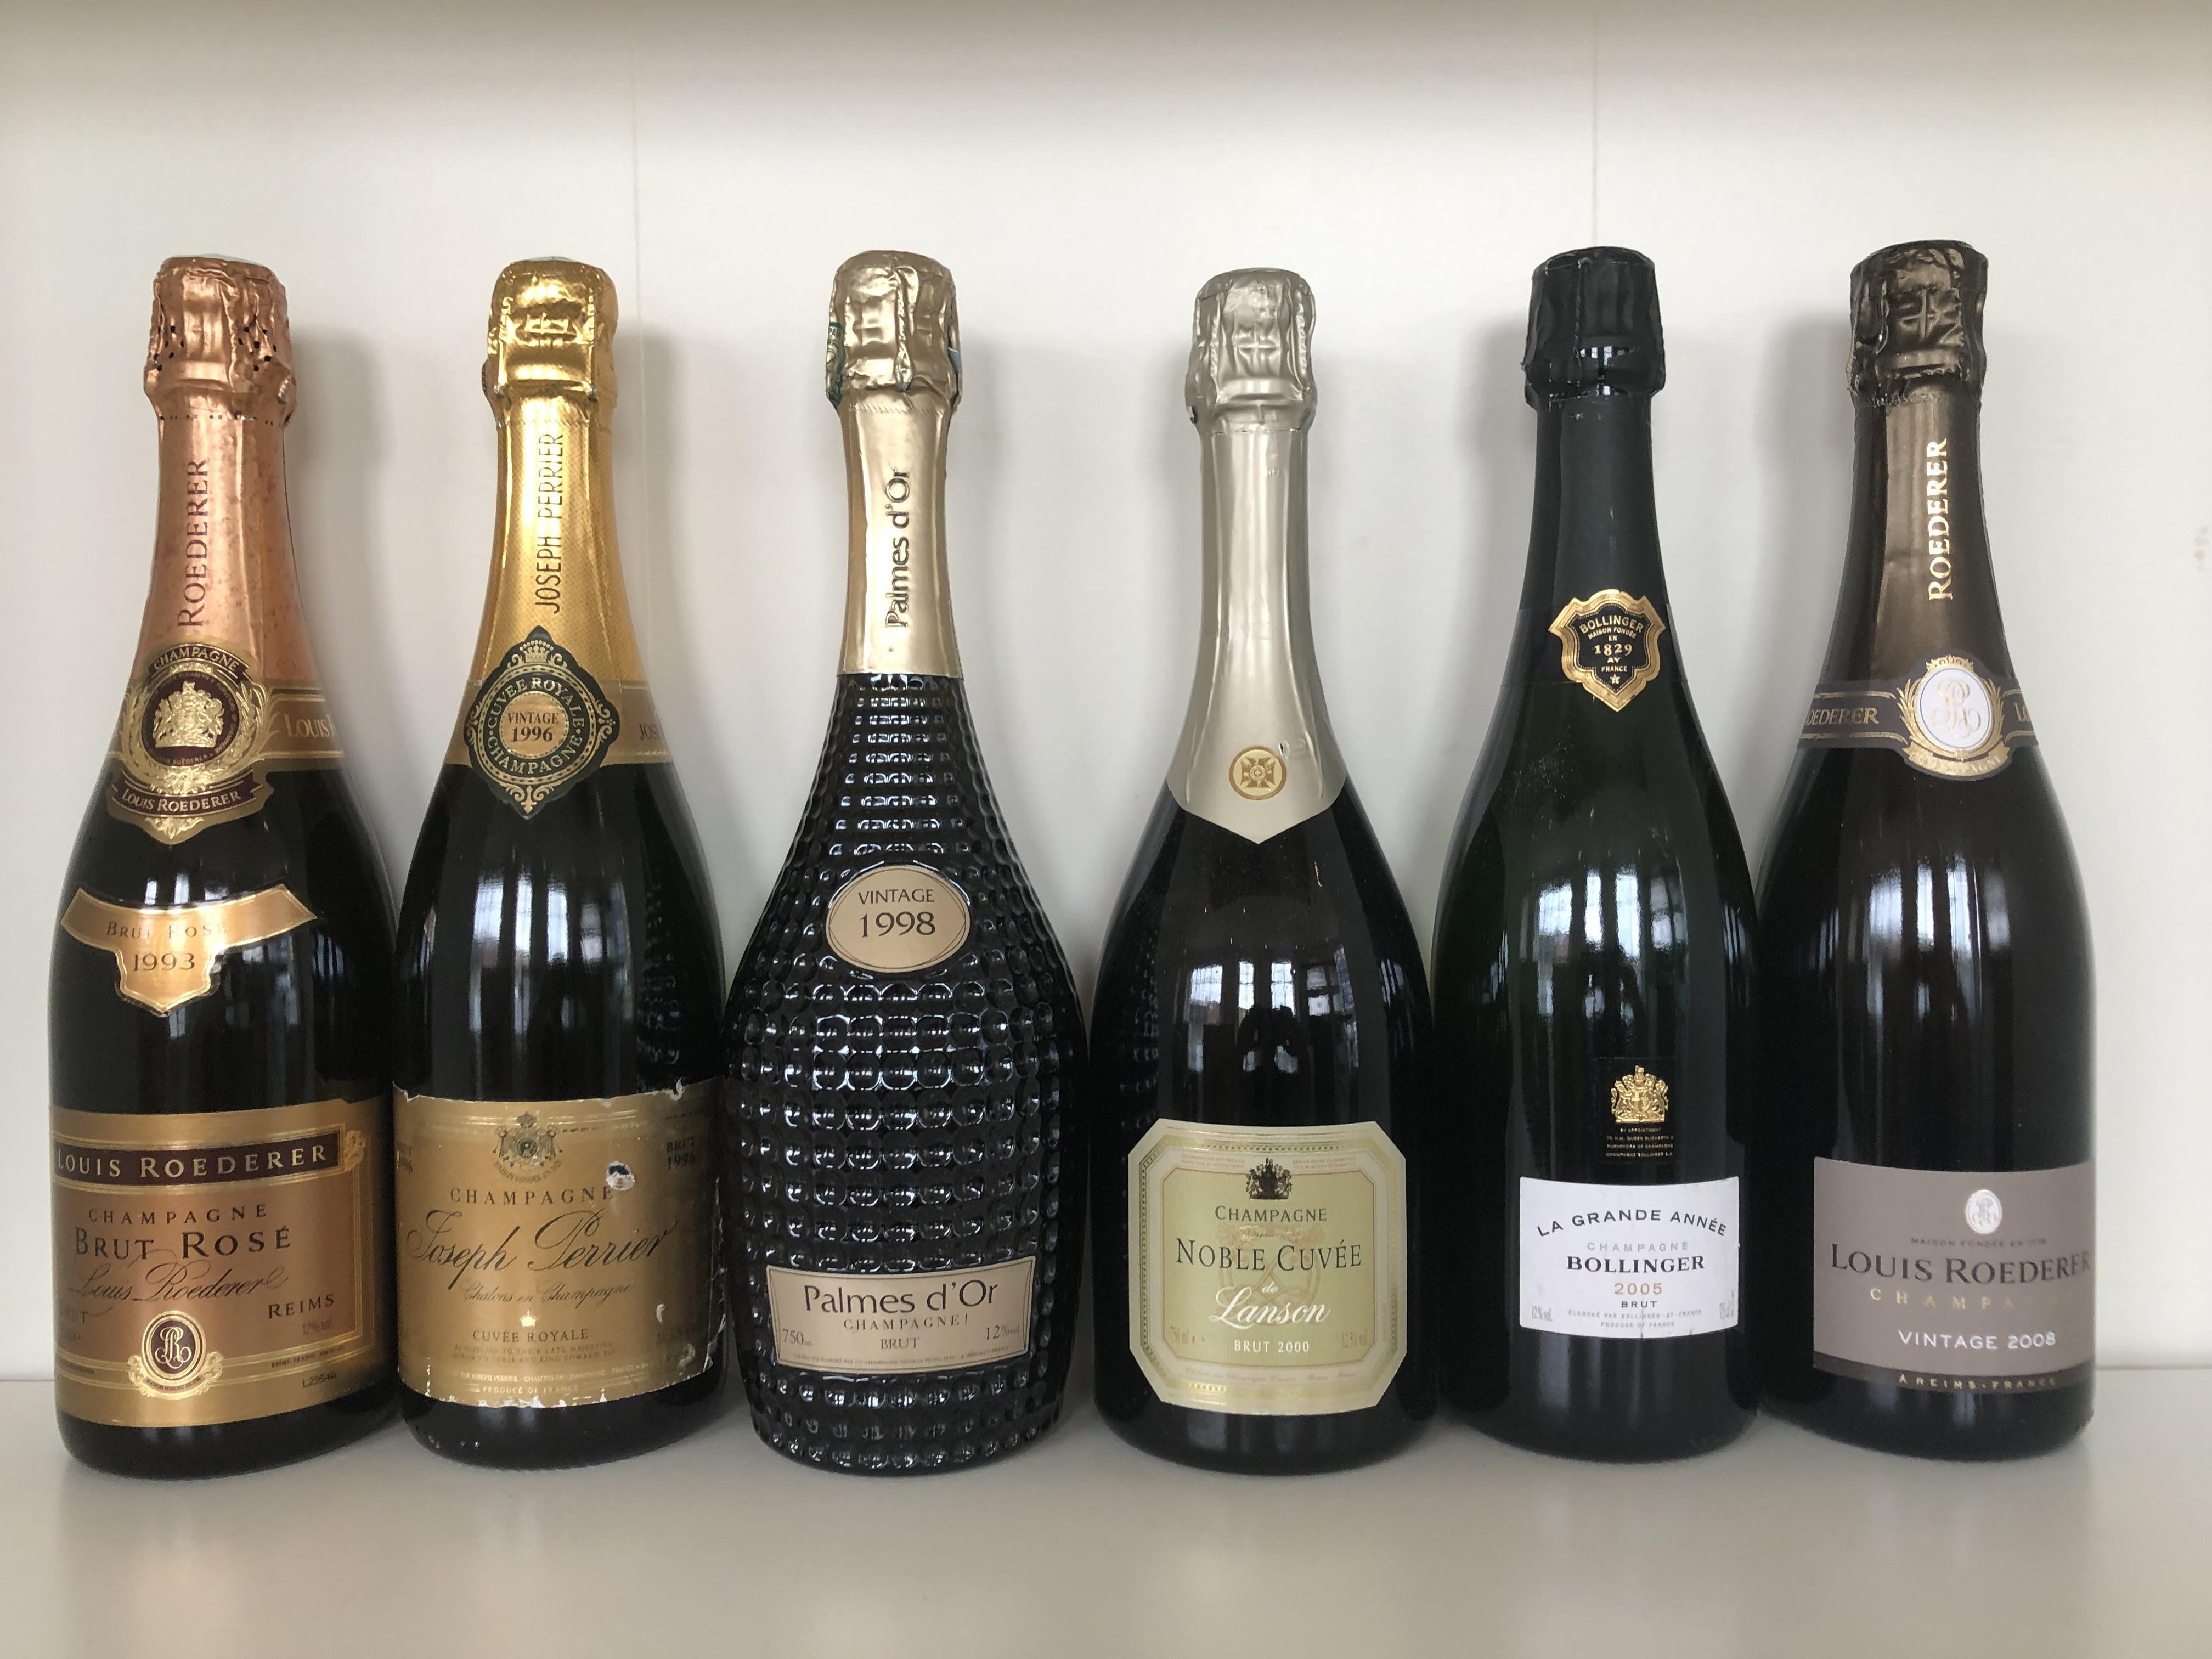 Lot 34 - Various Vintage Champagne Tasting Lot, Champagne, France, 6 bottles